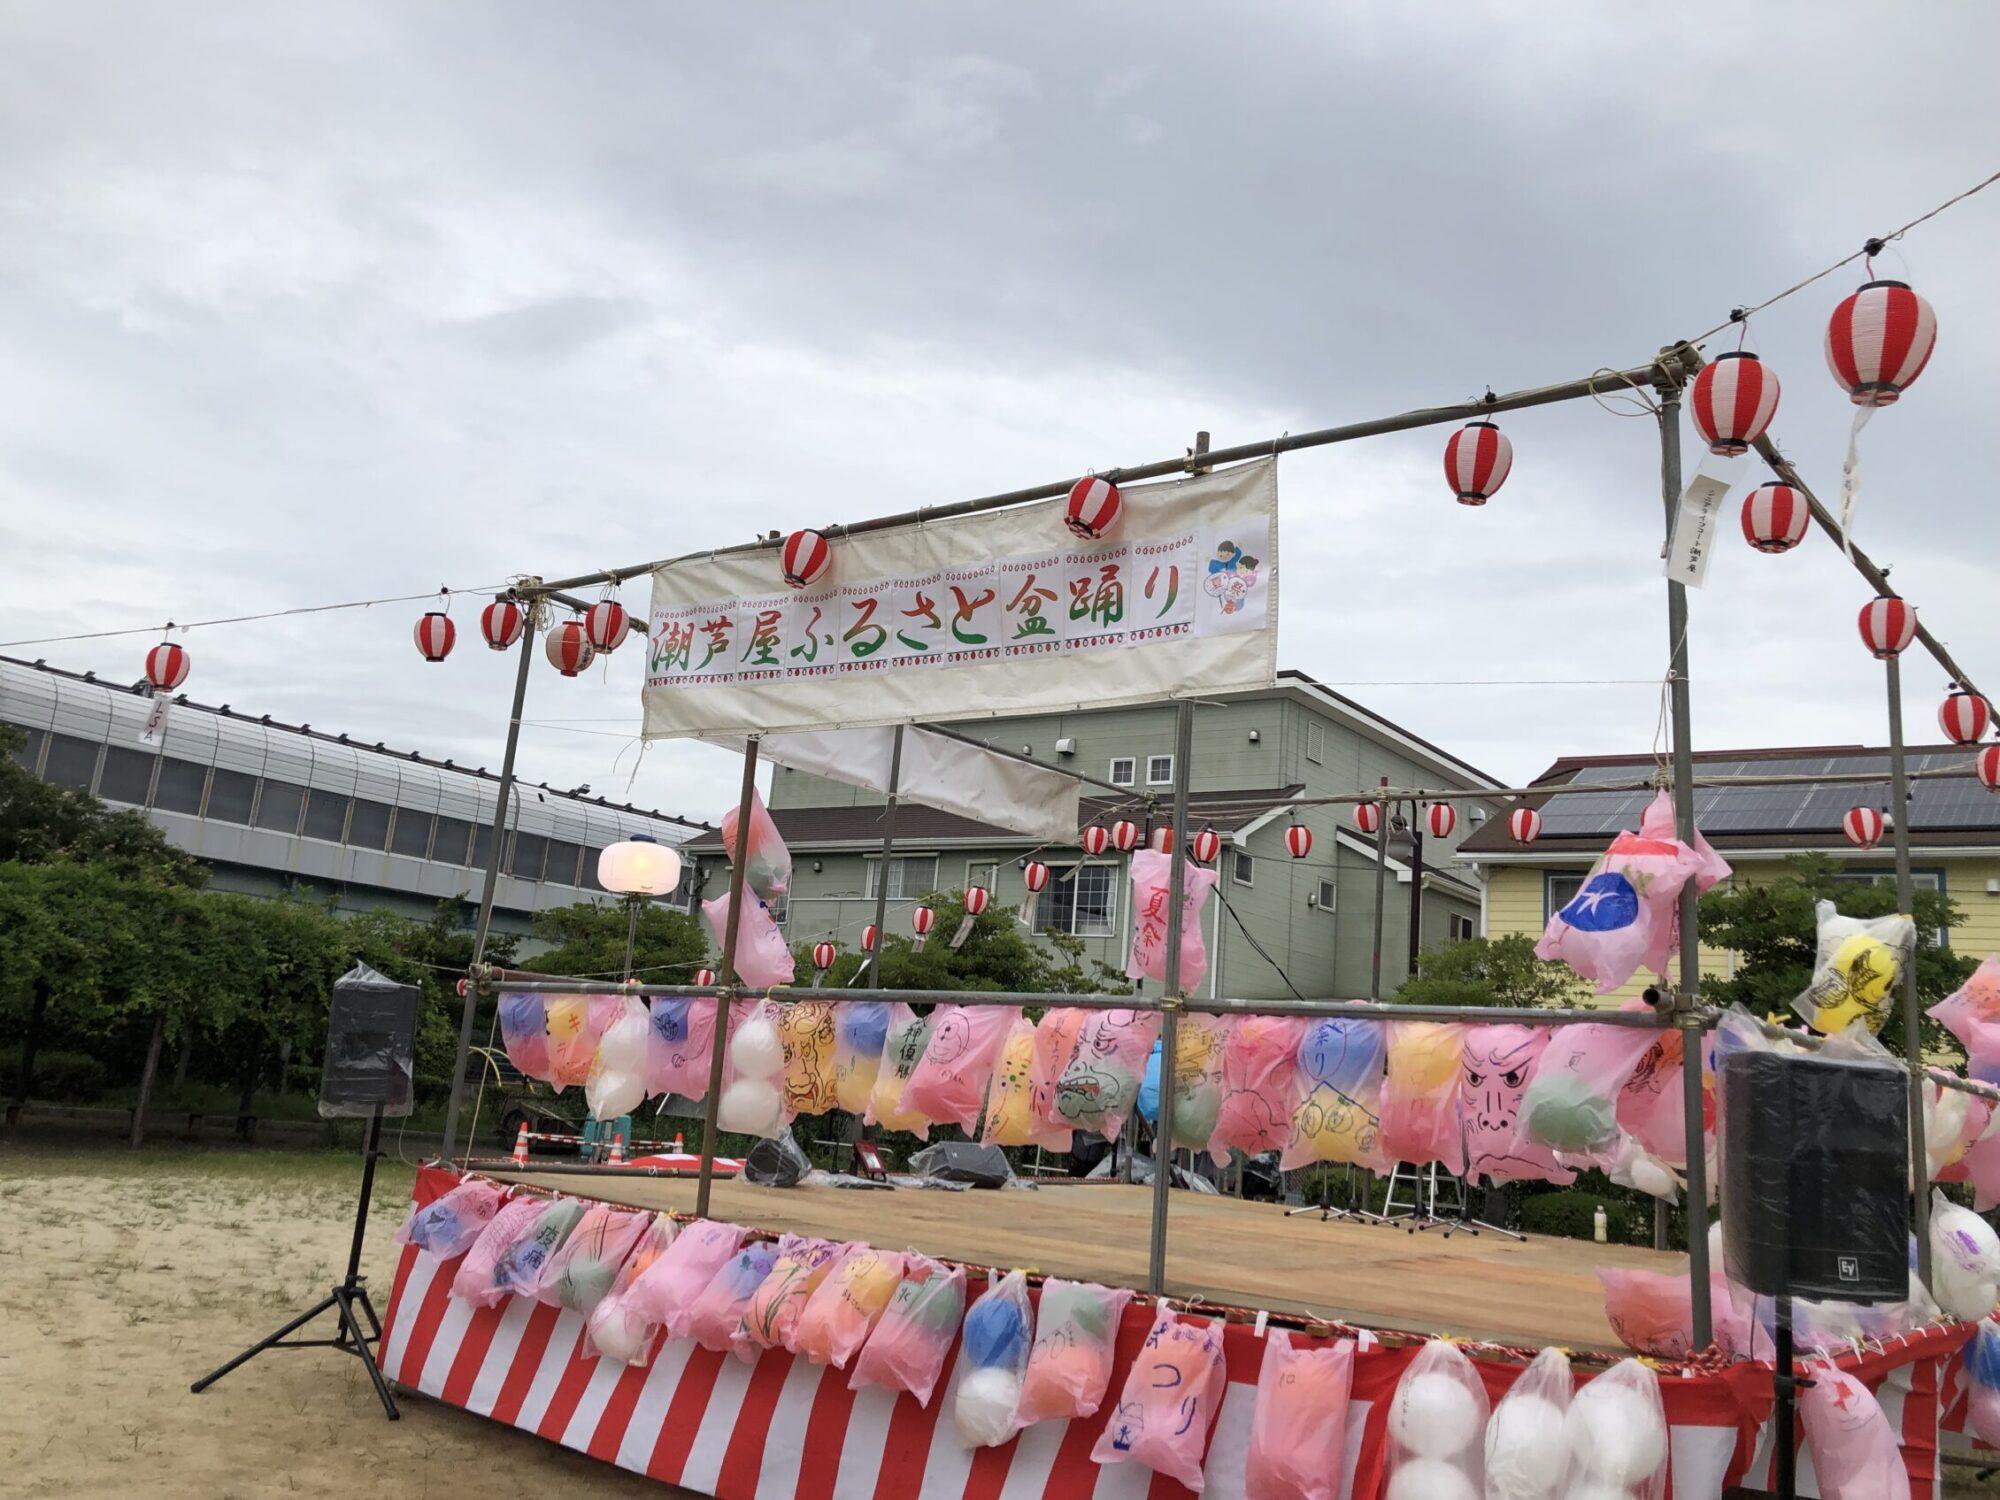 2021年8月21日 潮芦屋ふるさと盆踊り 開催!!